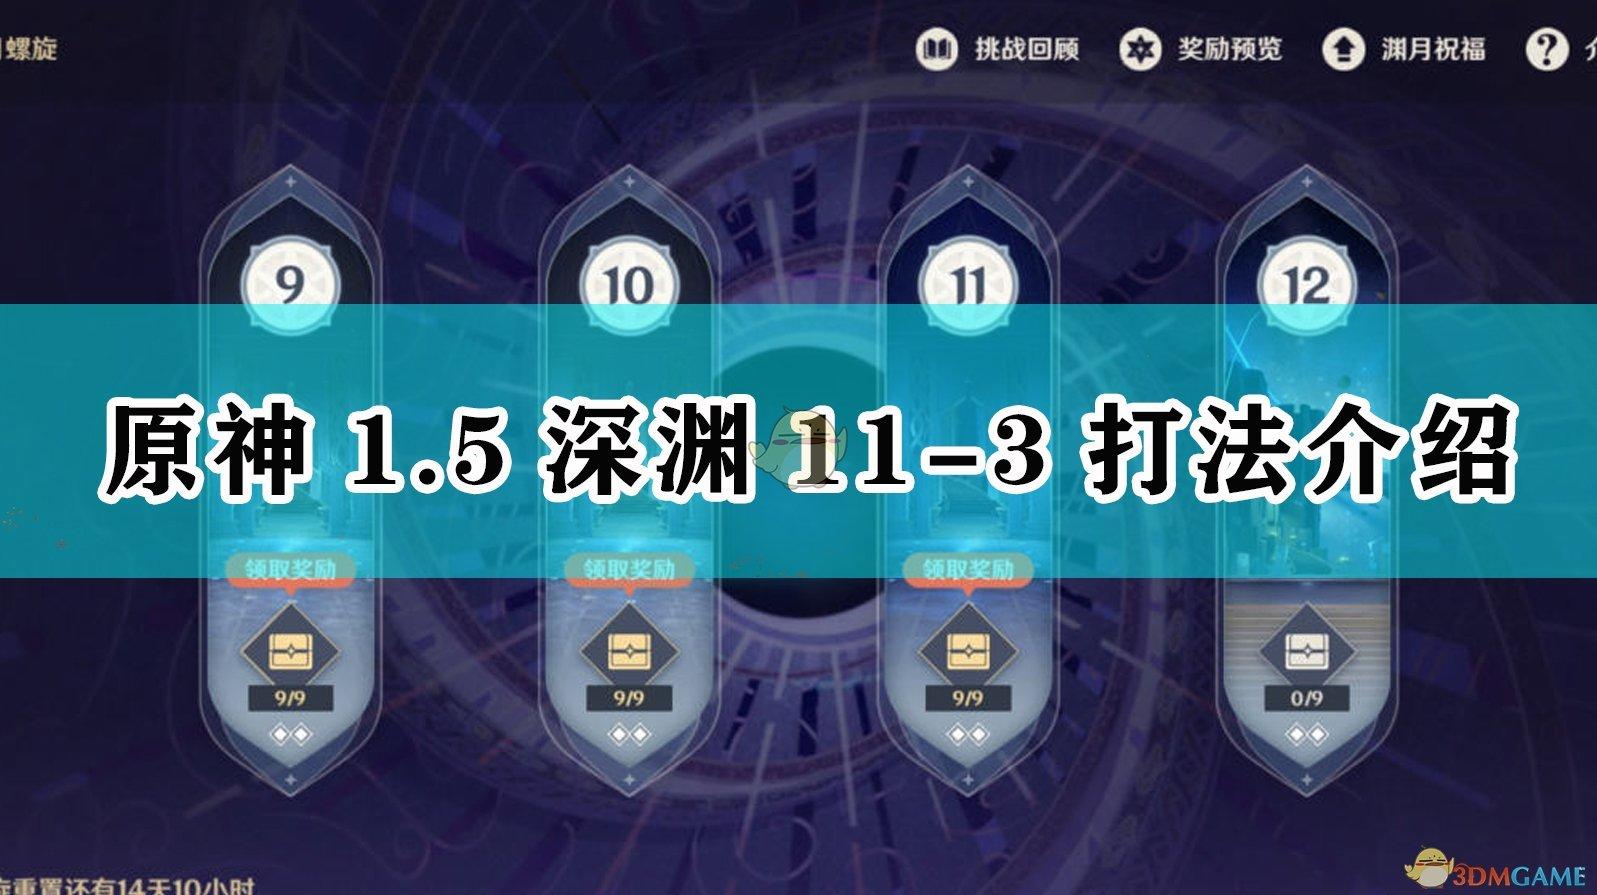 《原神》1.5深渊11-3打法介绍